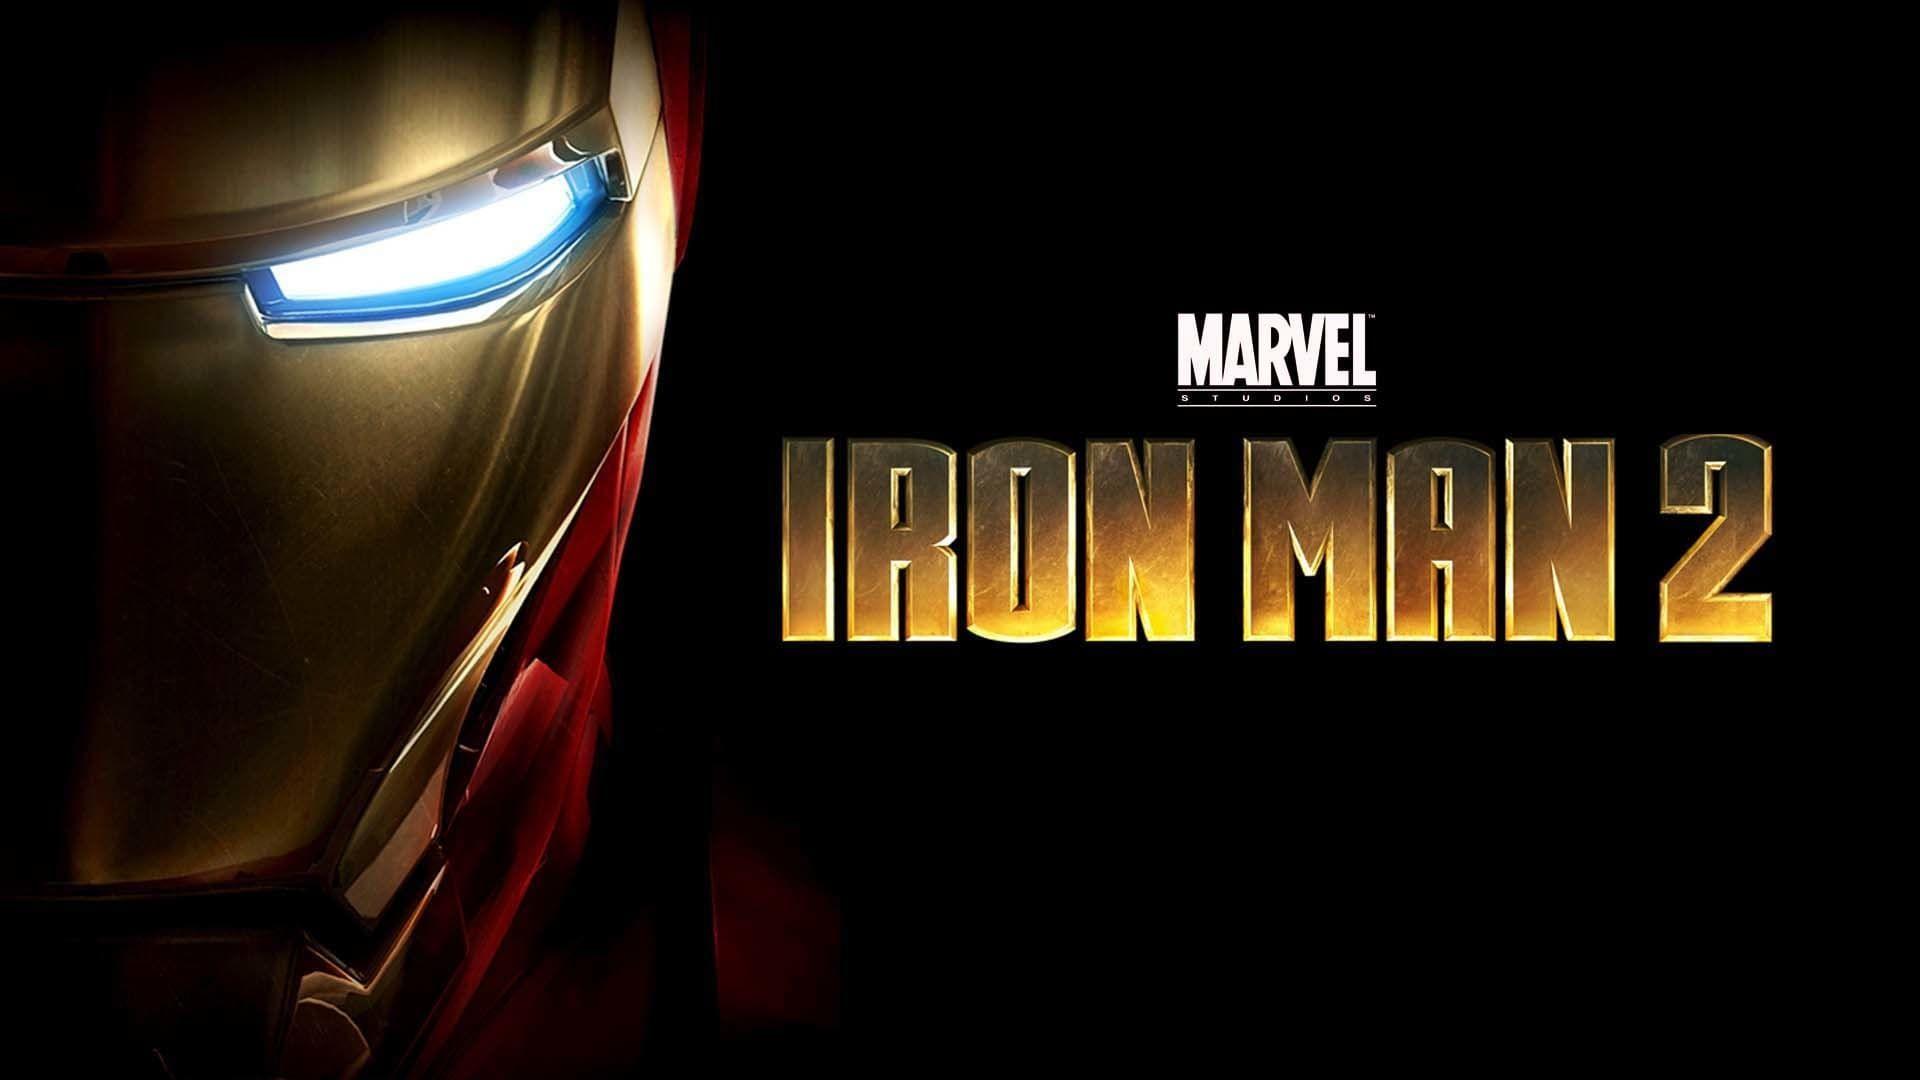 I Iron Man 2 Vender Robert Downey Jr Vender Tilbage Som Milliardaeren Og Opfinderen Tony Stark I Fortsaettelsen Ved Hele Ver Tony Stark Iron Man Film Completi